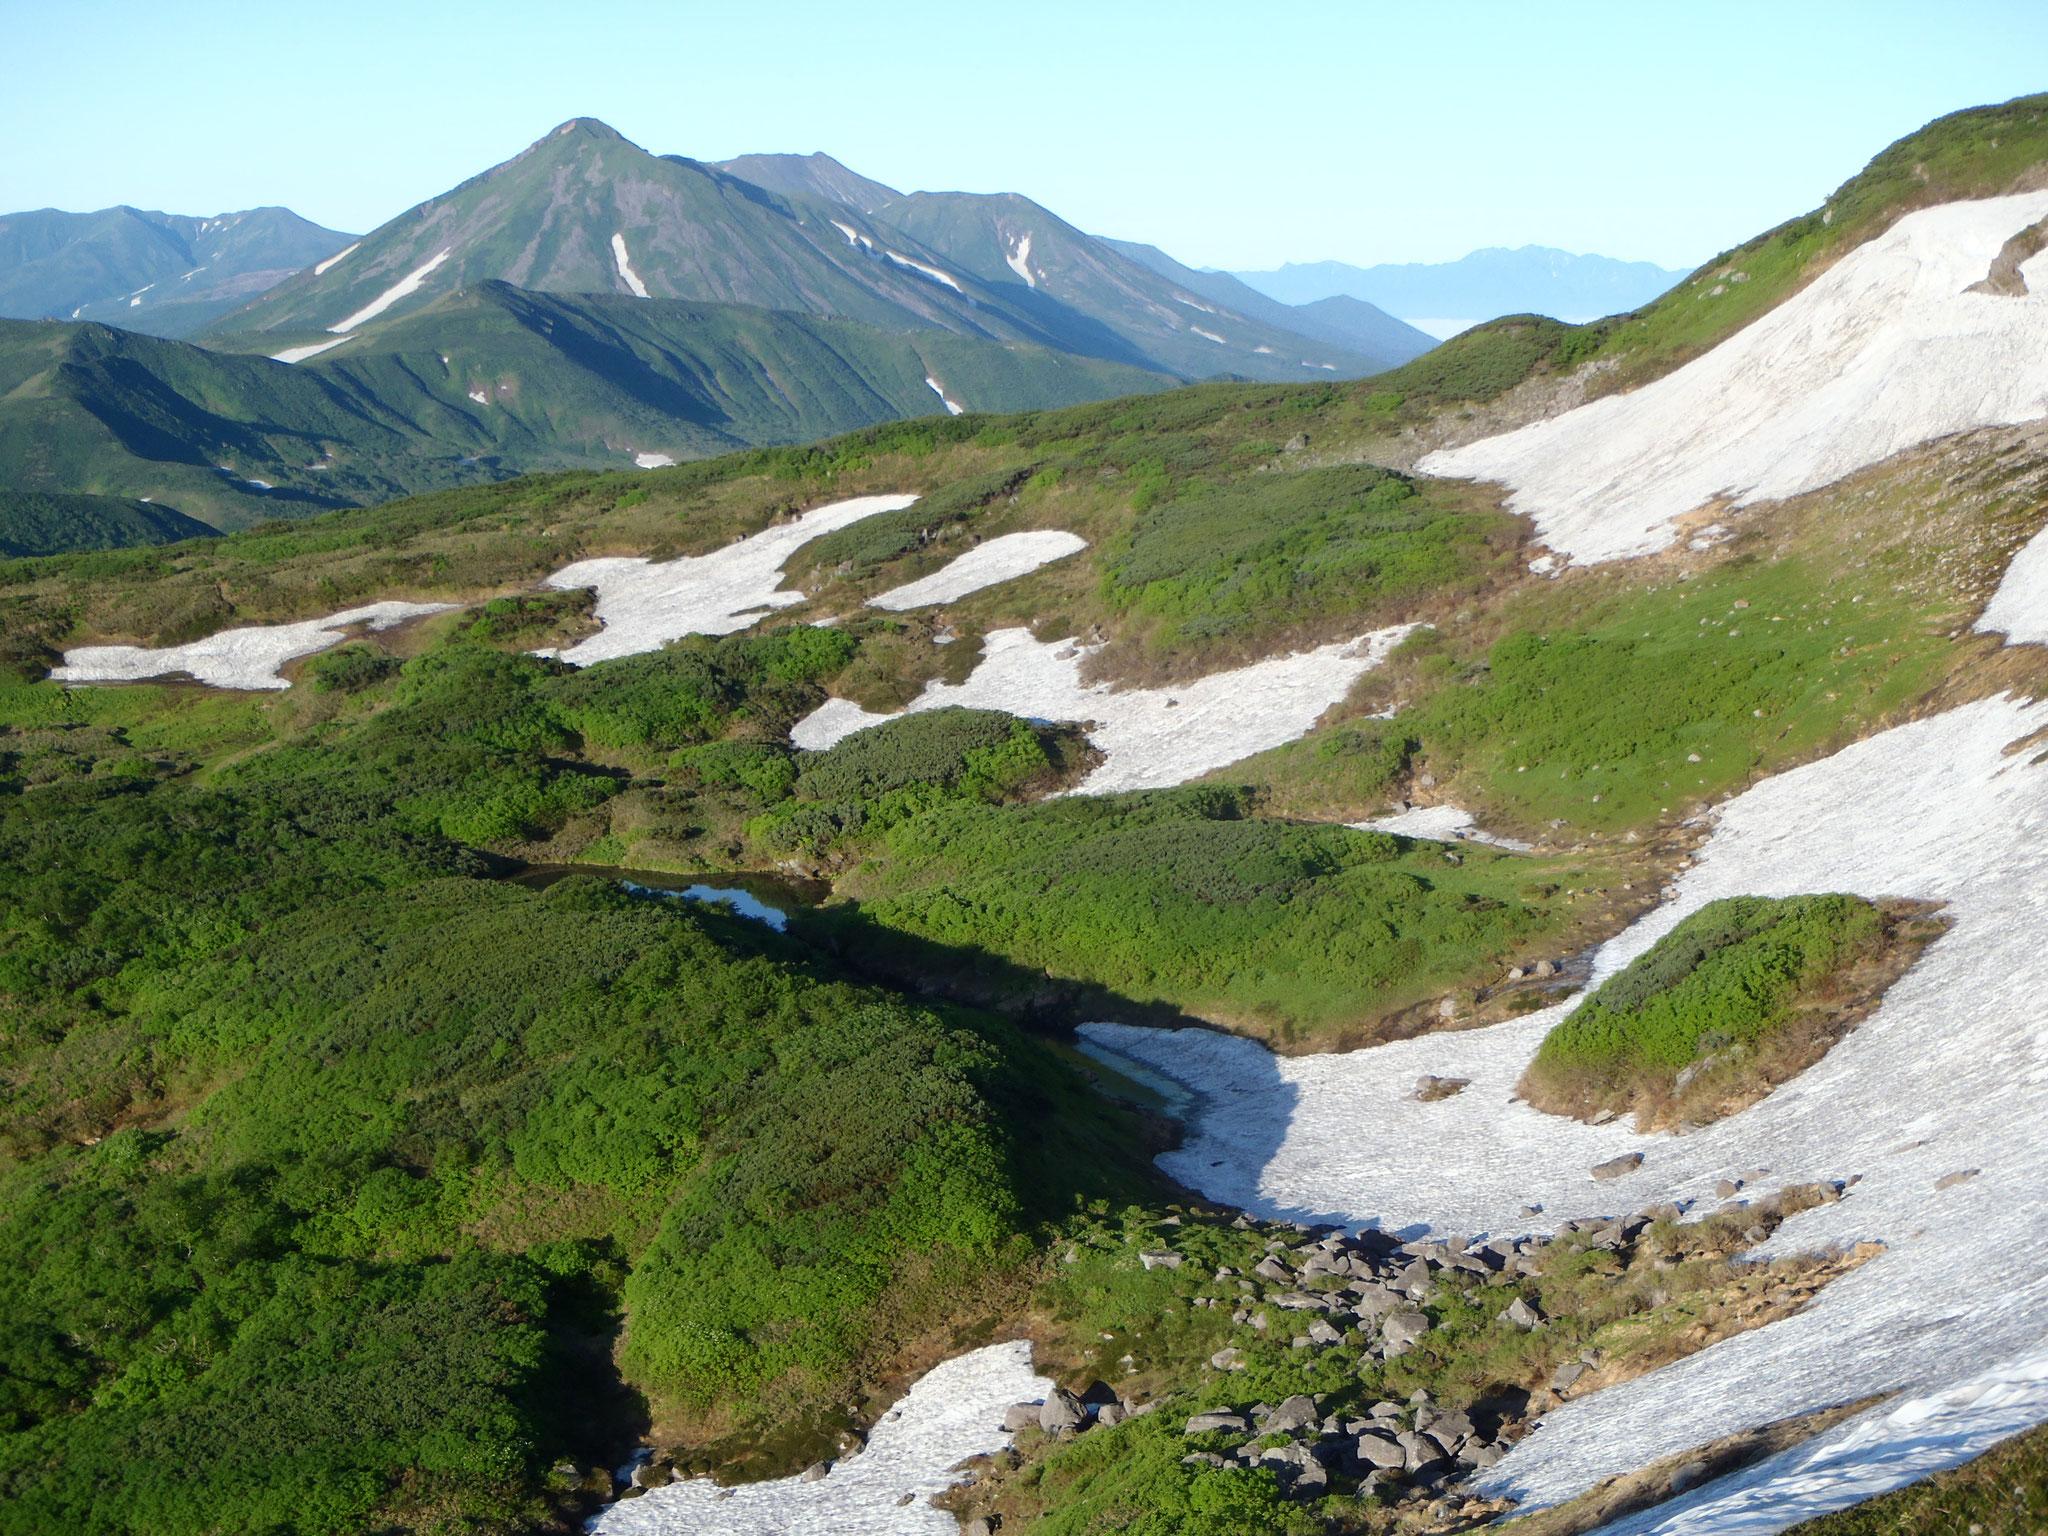 オプタテシケ山遠望 7月